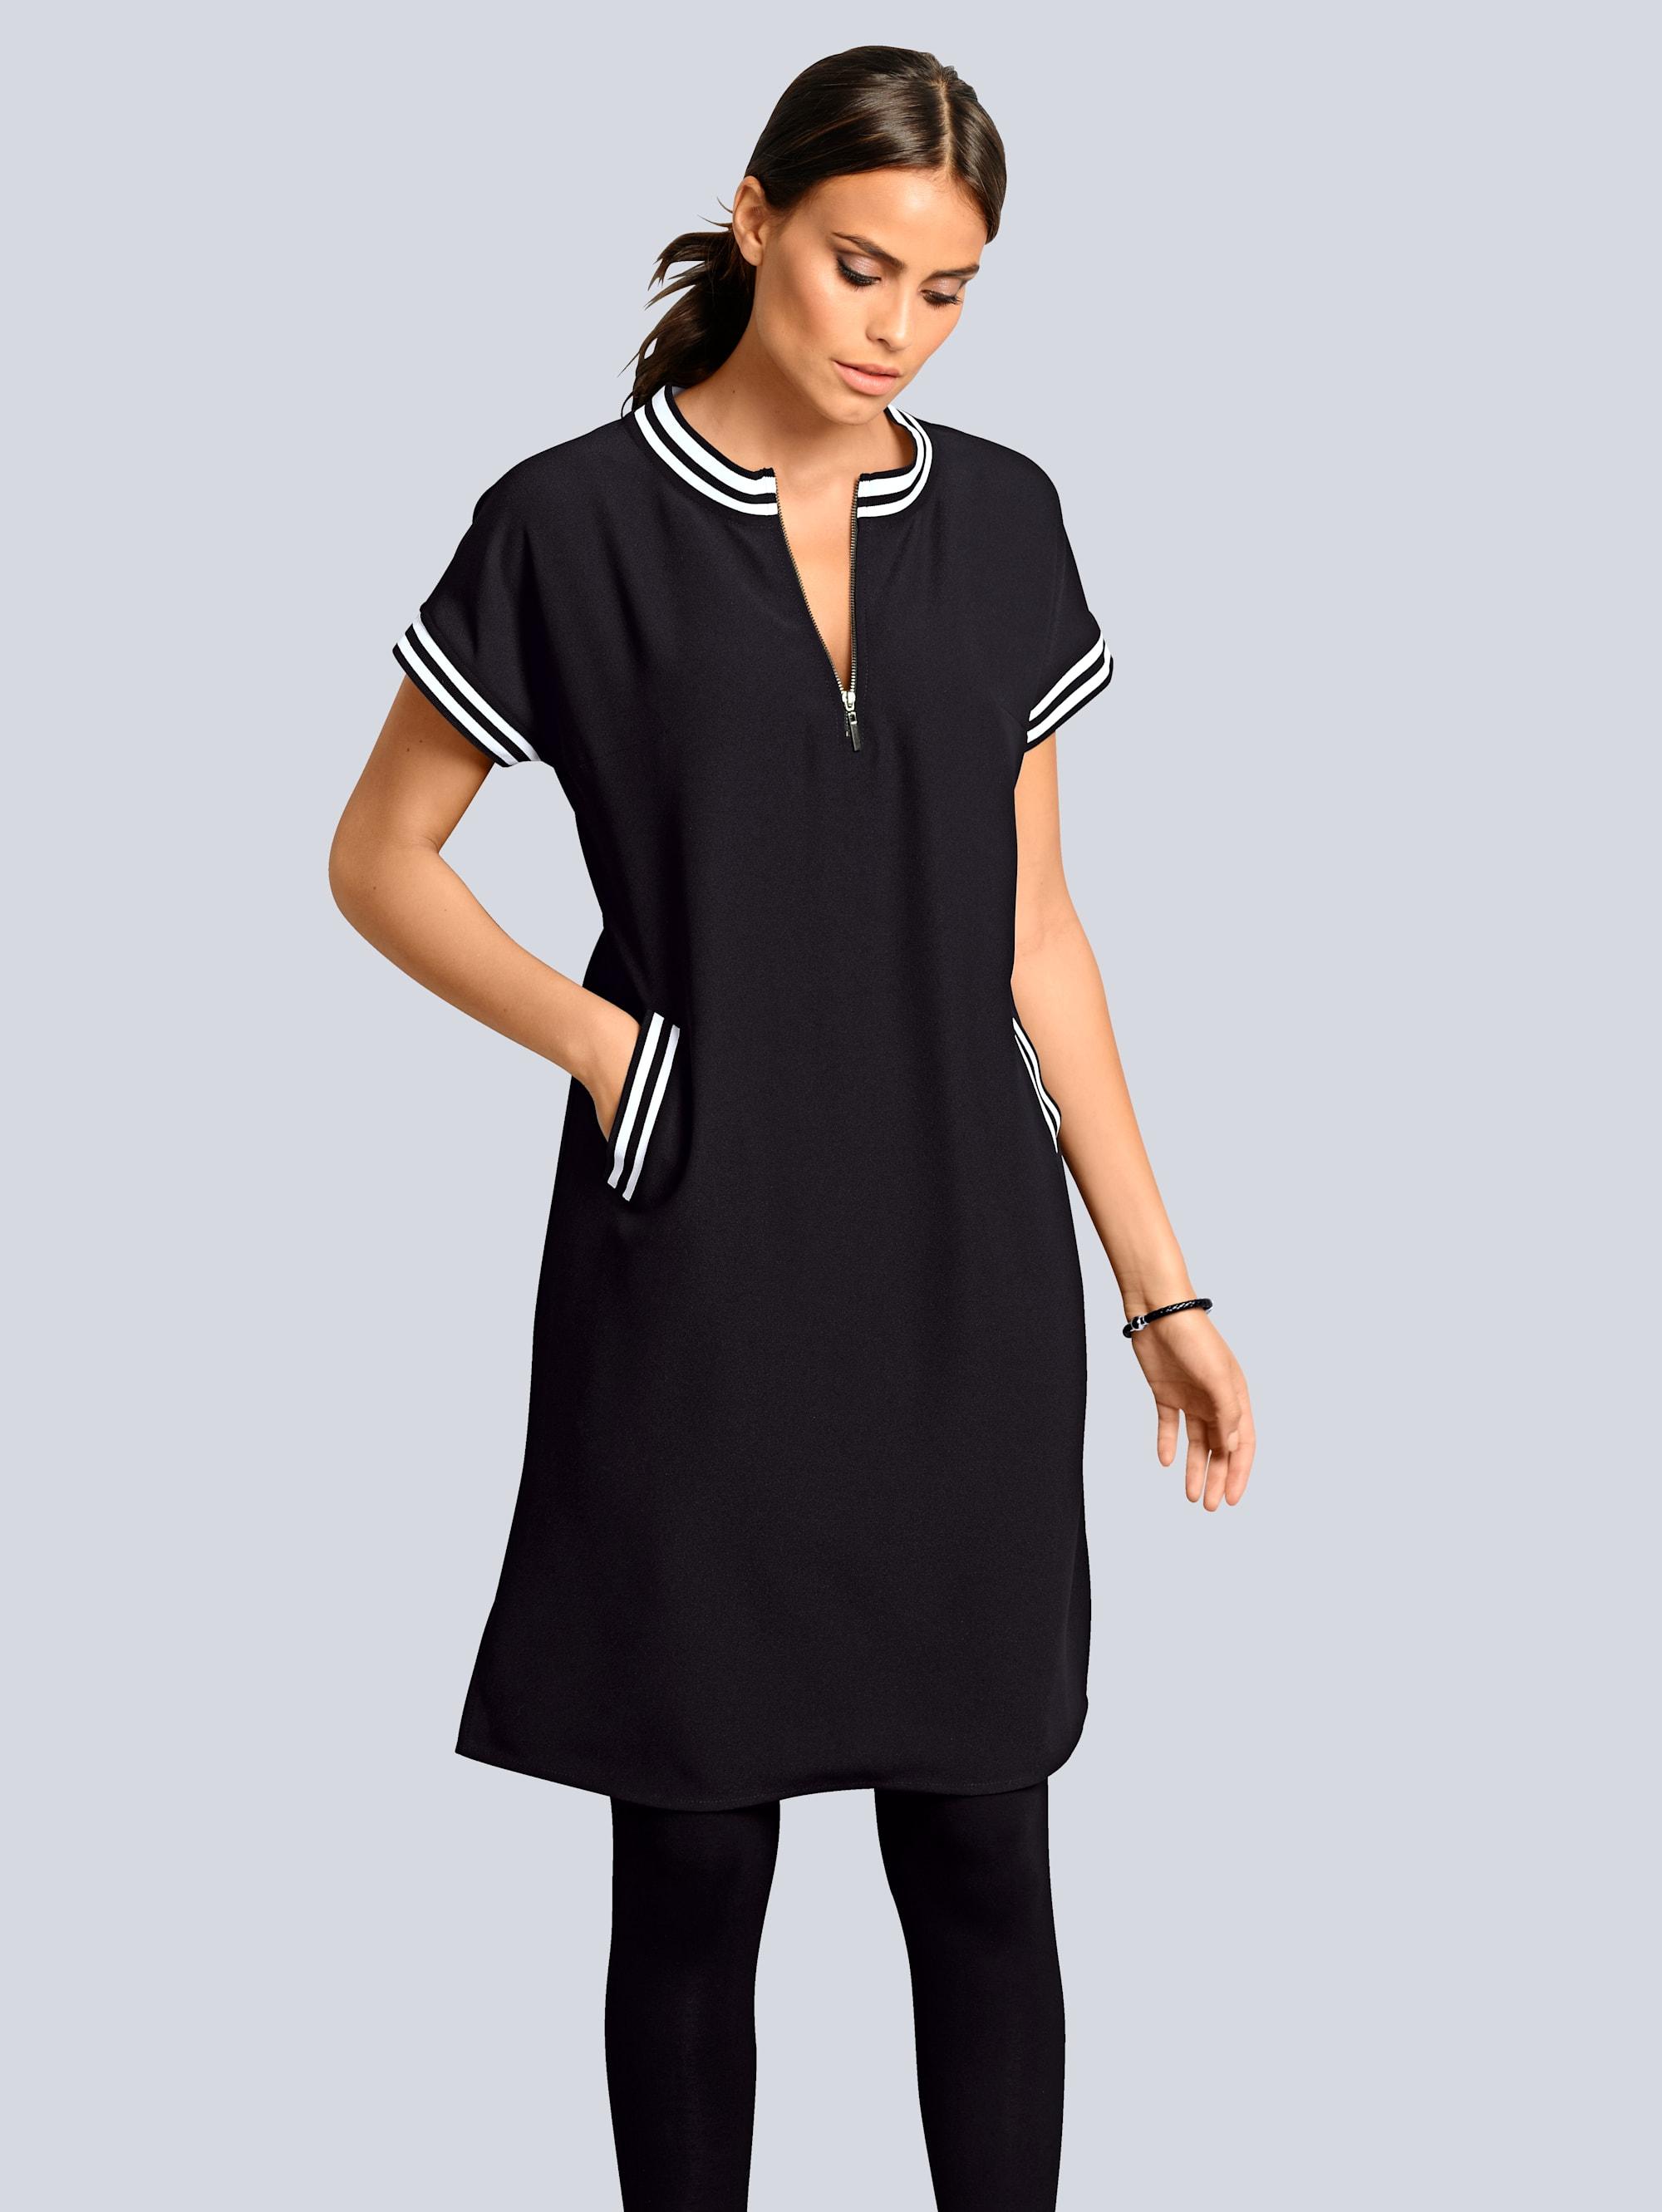 Alba Moda Kleid Athleisure in sportiver Optik mit Streifendetails